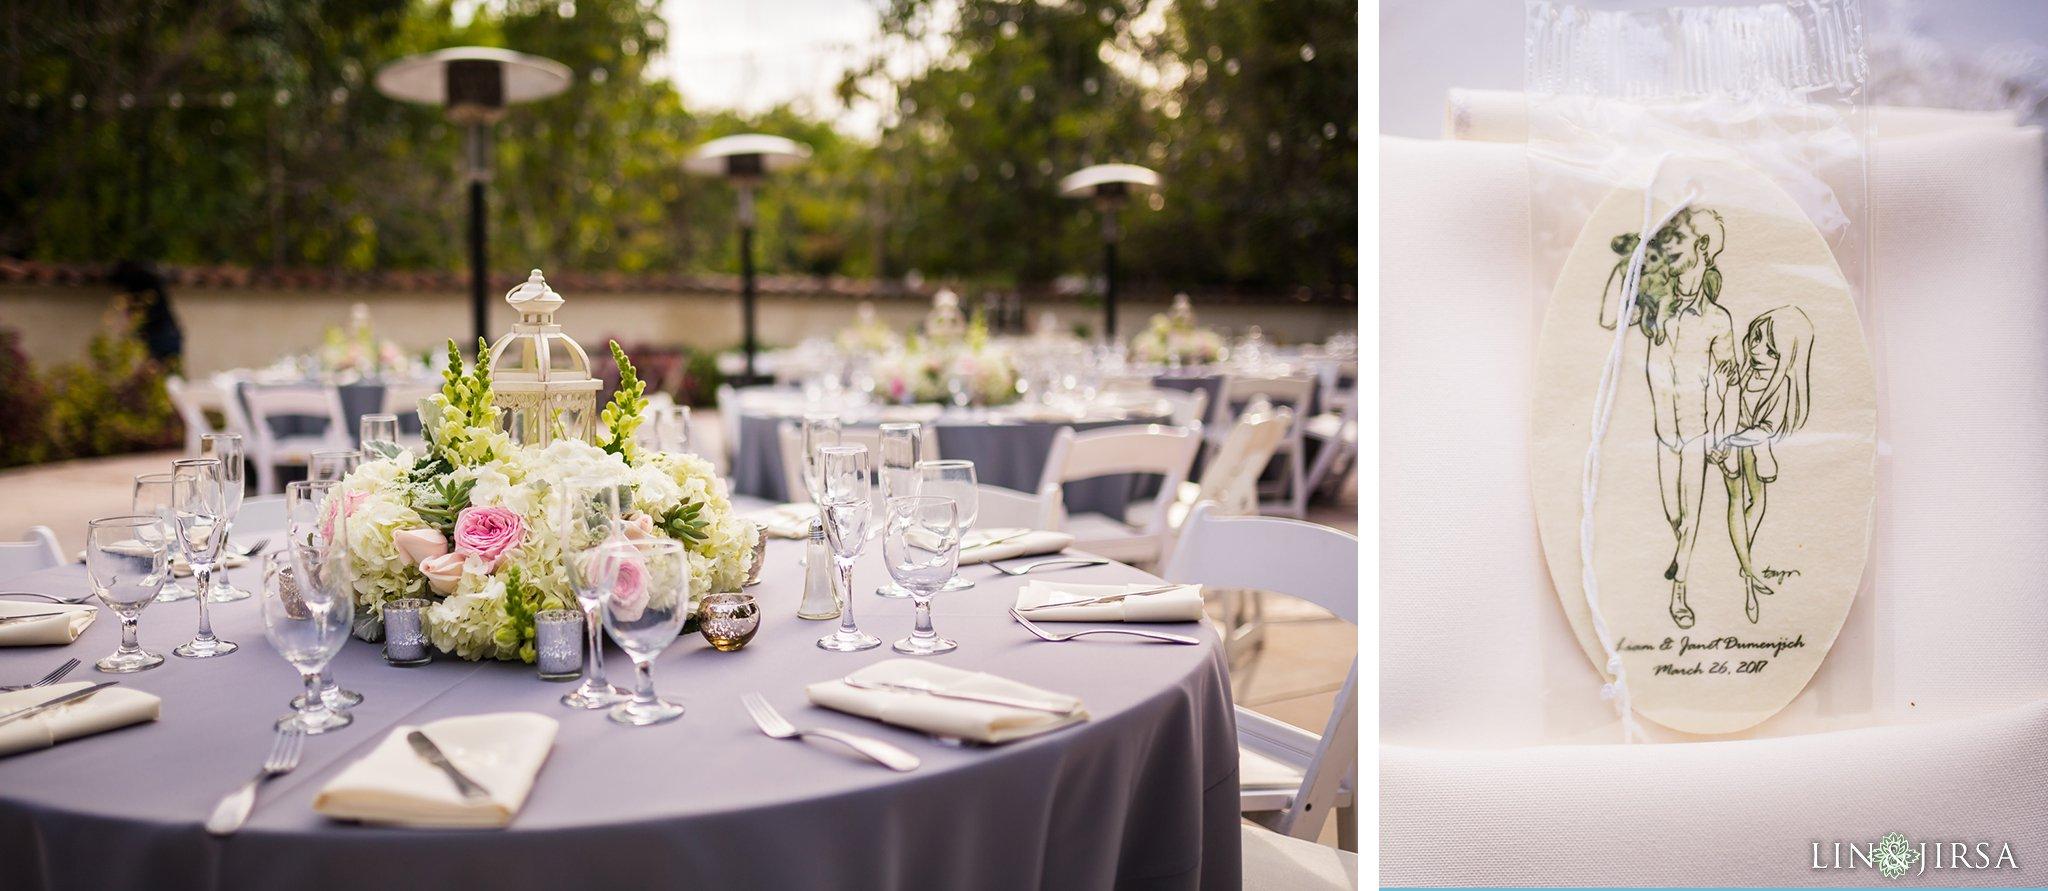 21 Eden Gardens Wedding Photography